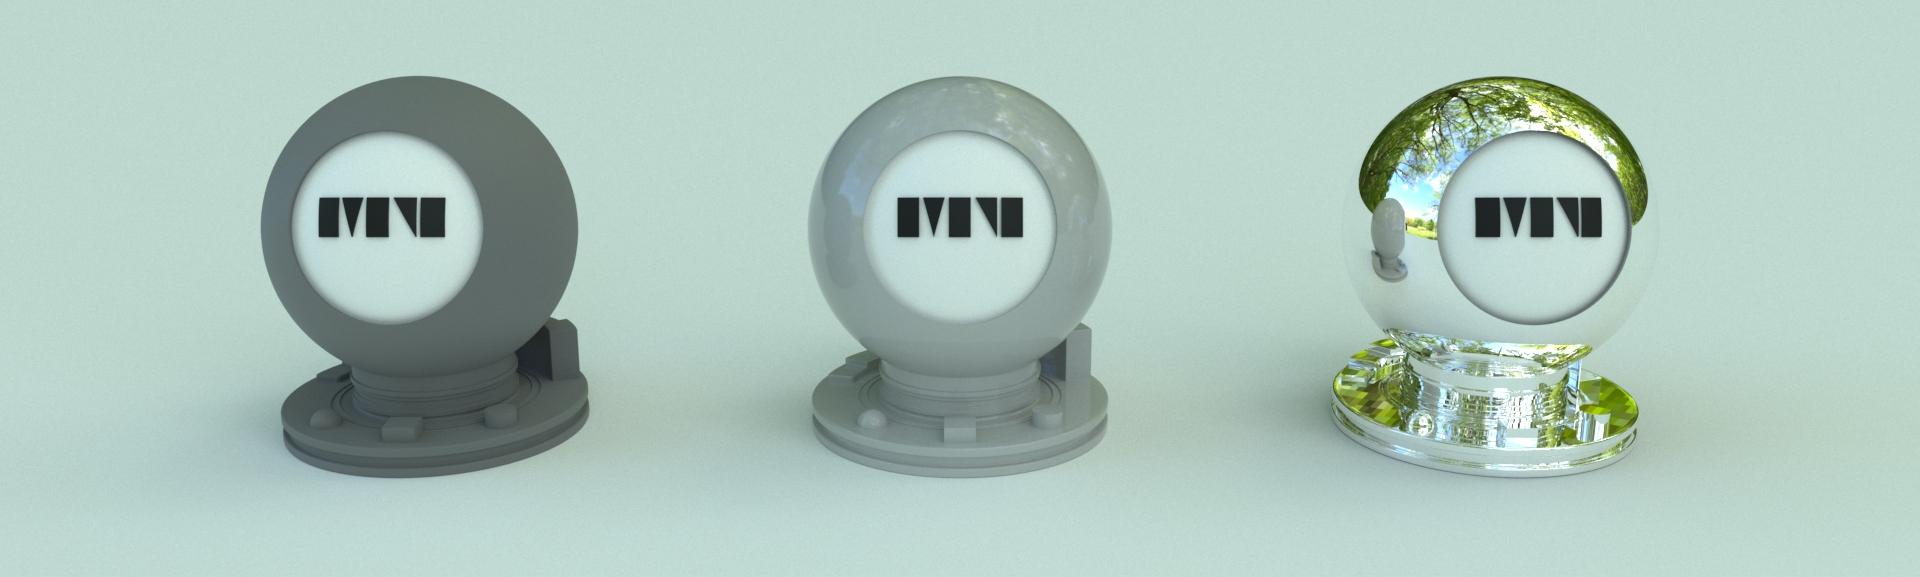 Pano 31 Shader Ball